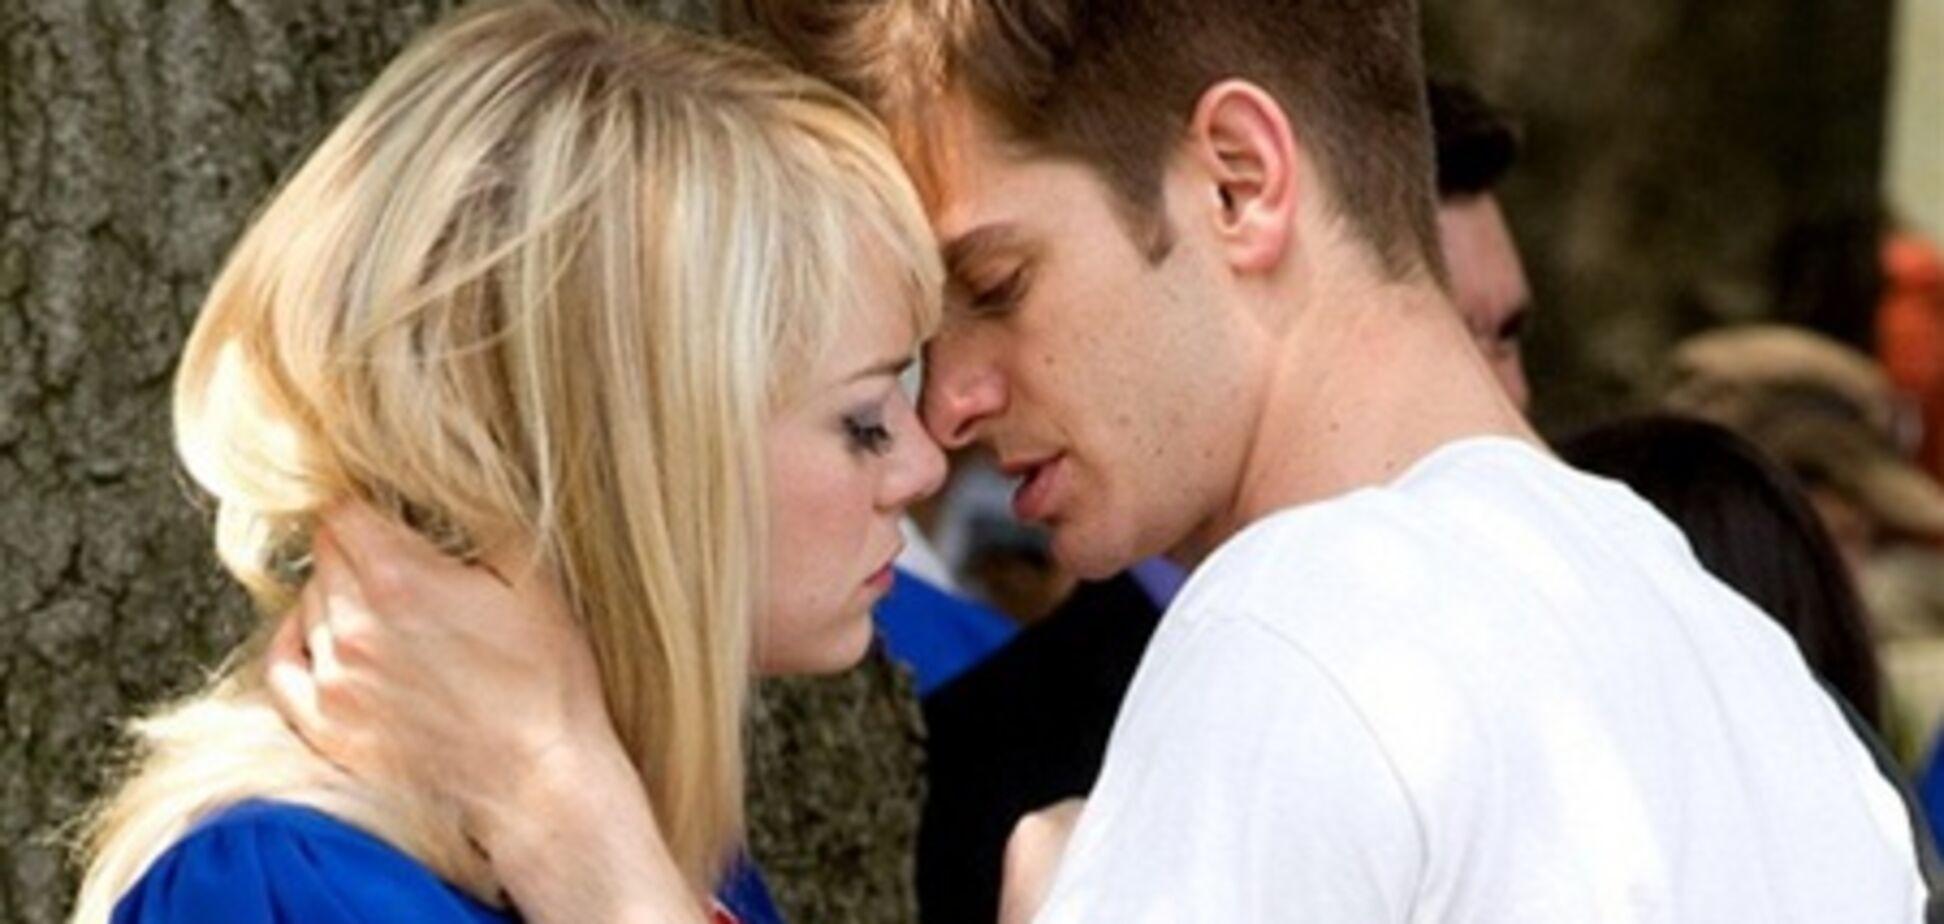 Папарацци застукали Спайдермена за поцелуями